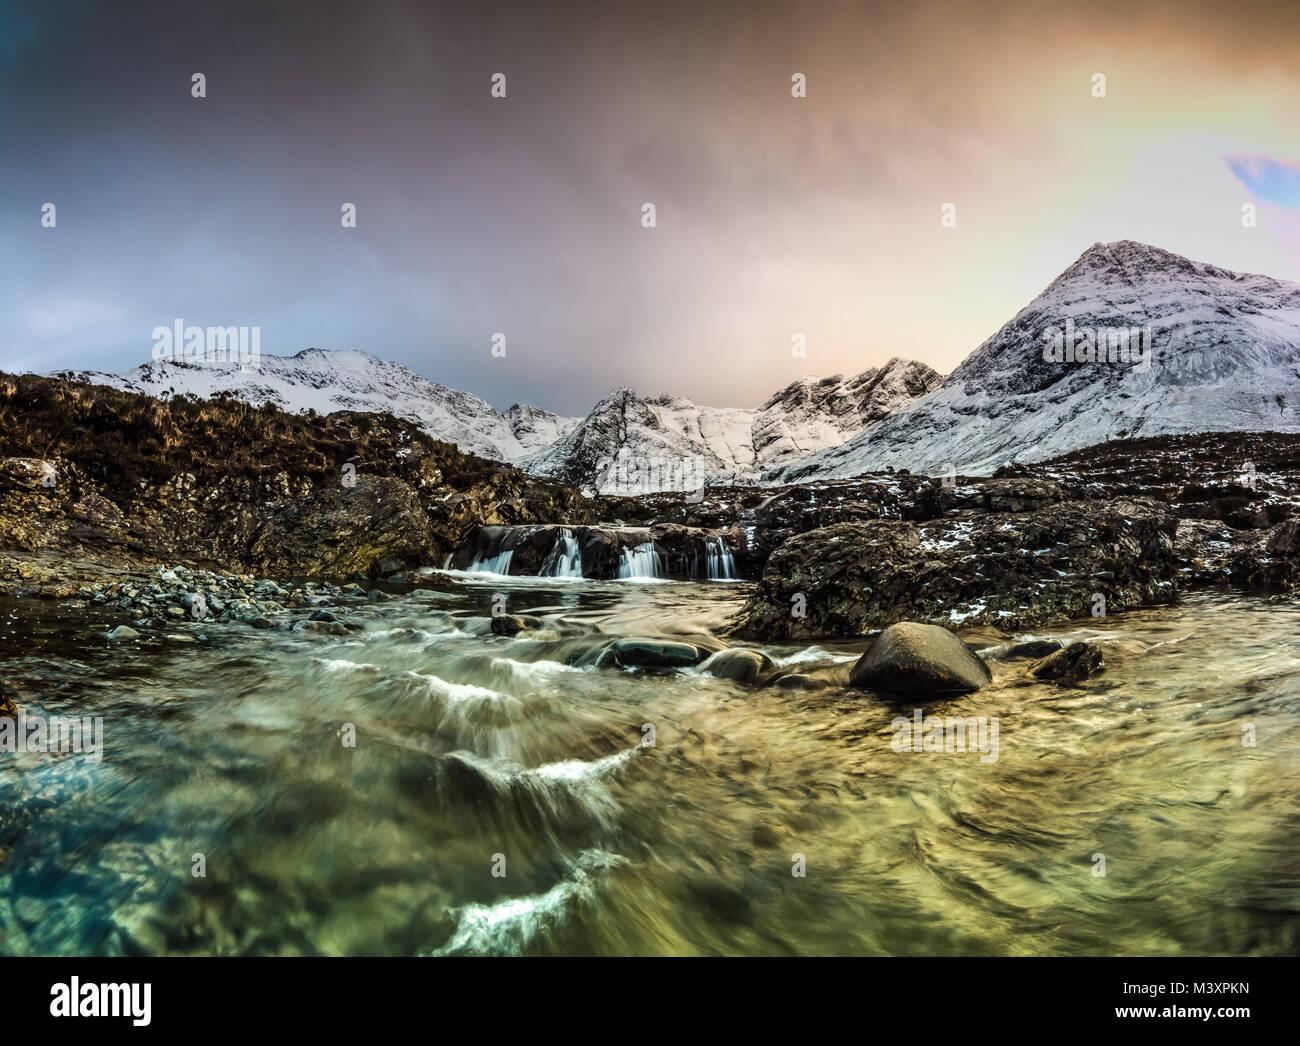 La Fata piscine in inverno - Isola di Skye in Scozia Immagini Stock